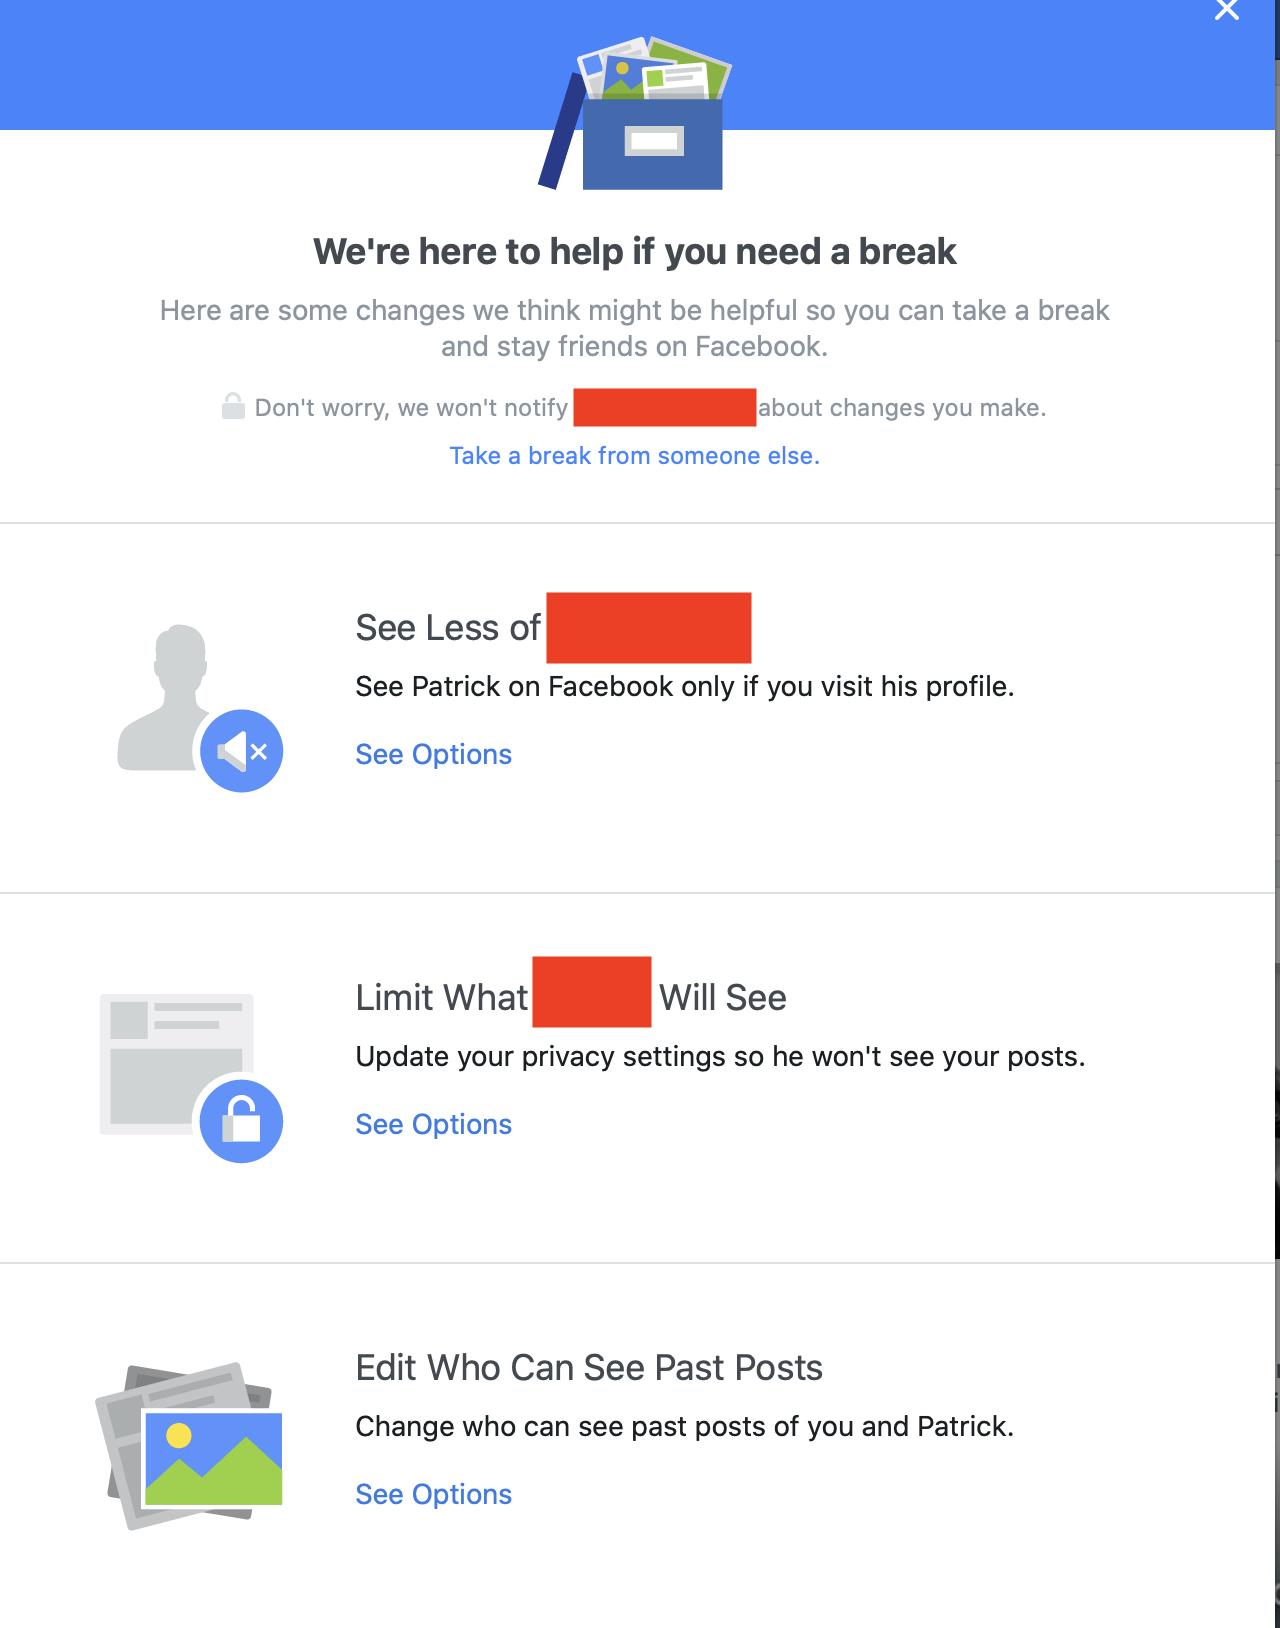 Cara mengambil istirahat dari seseorang di Facebook